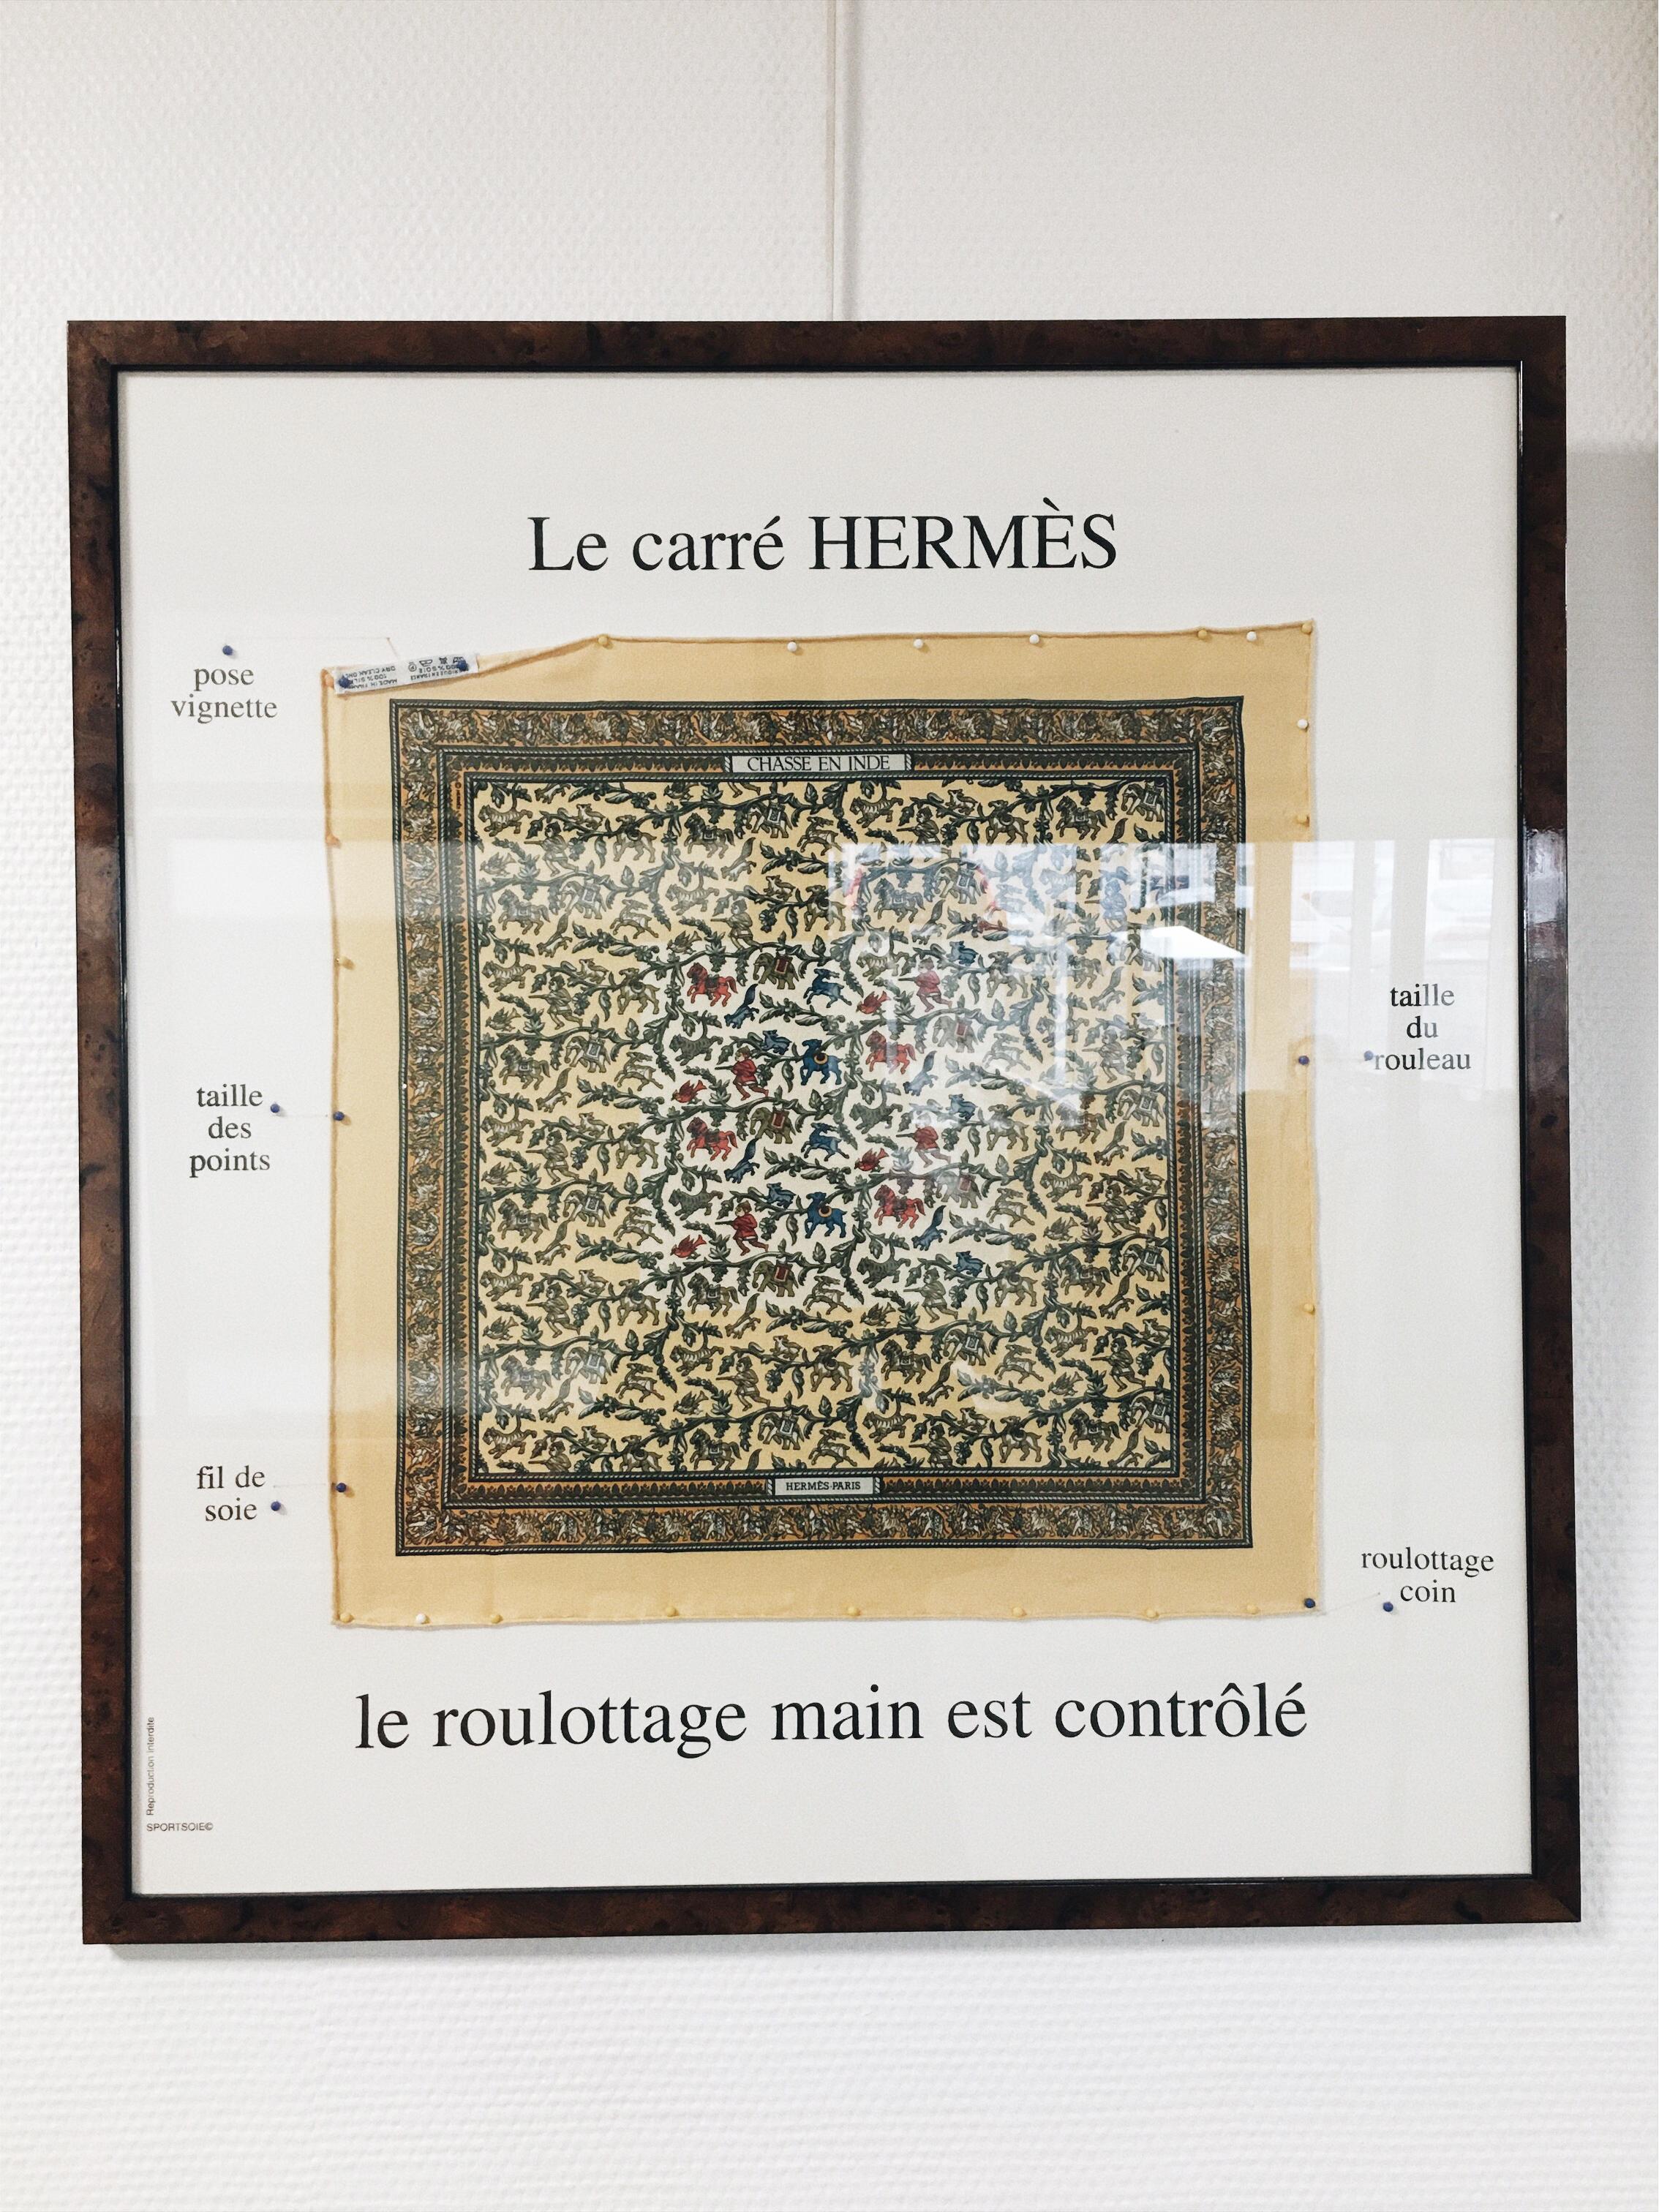 Hermès La Fabrique de la Soie, Lyon France by Sylvia Haghjoo